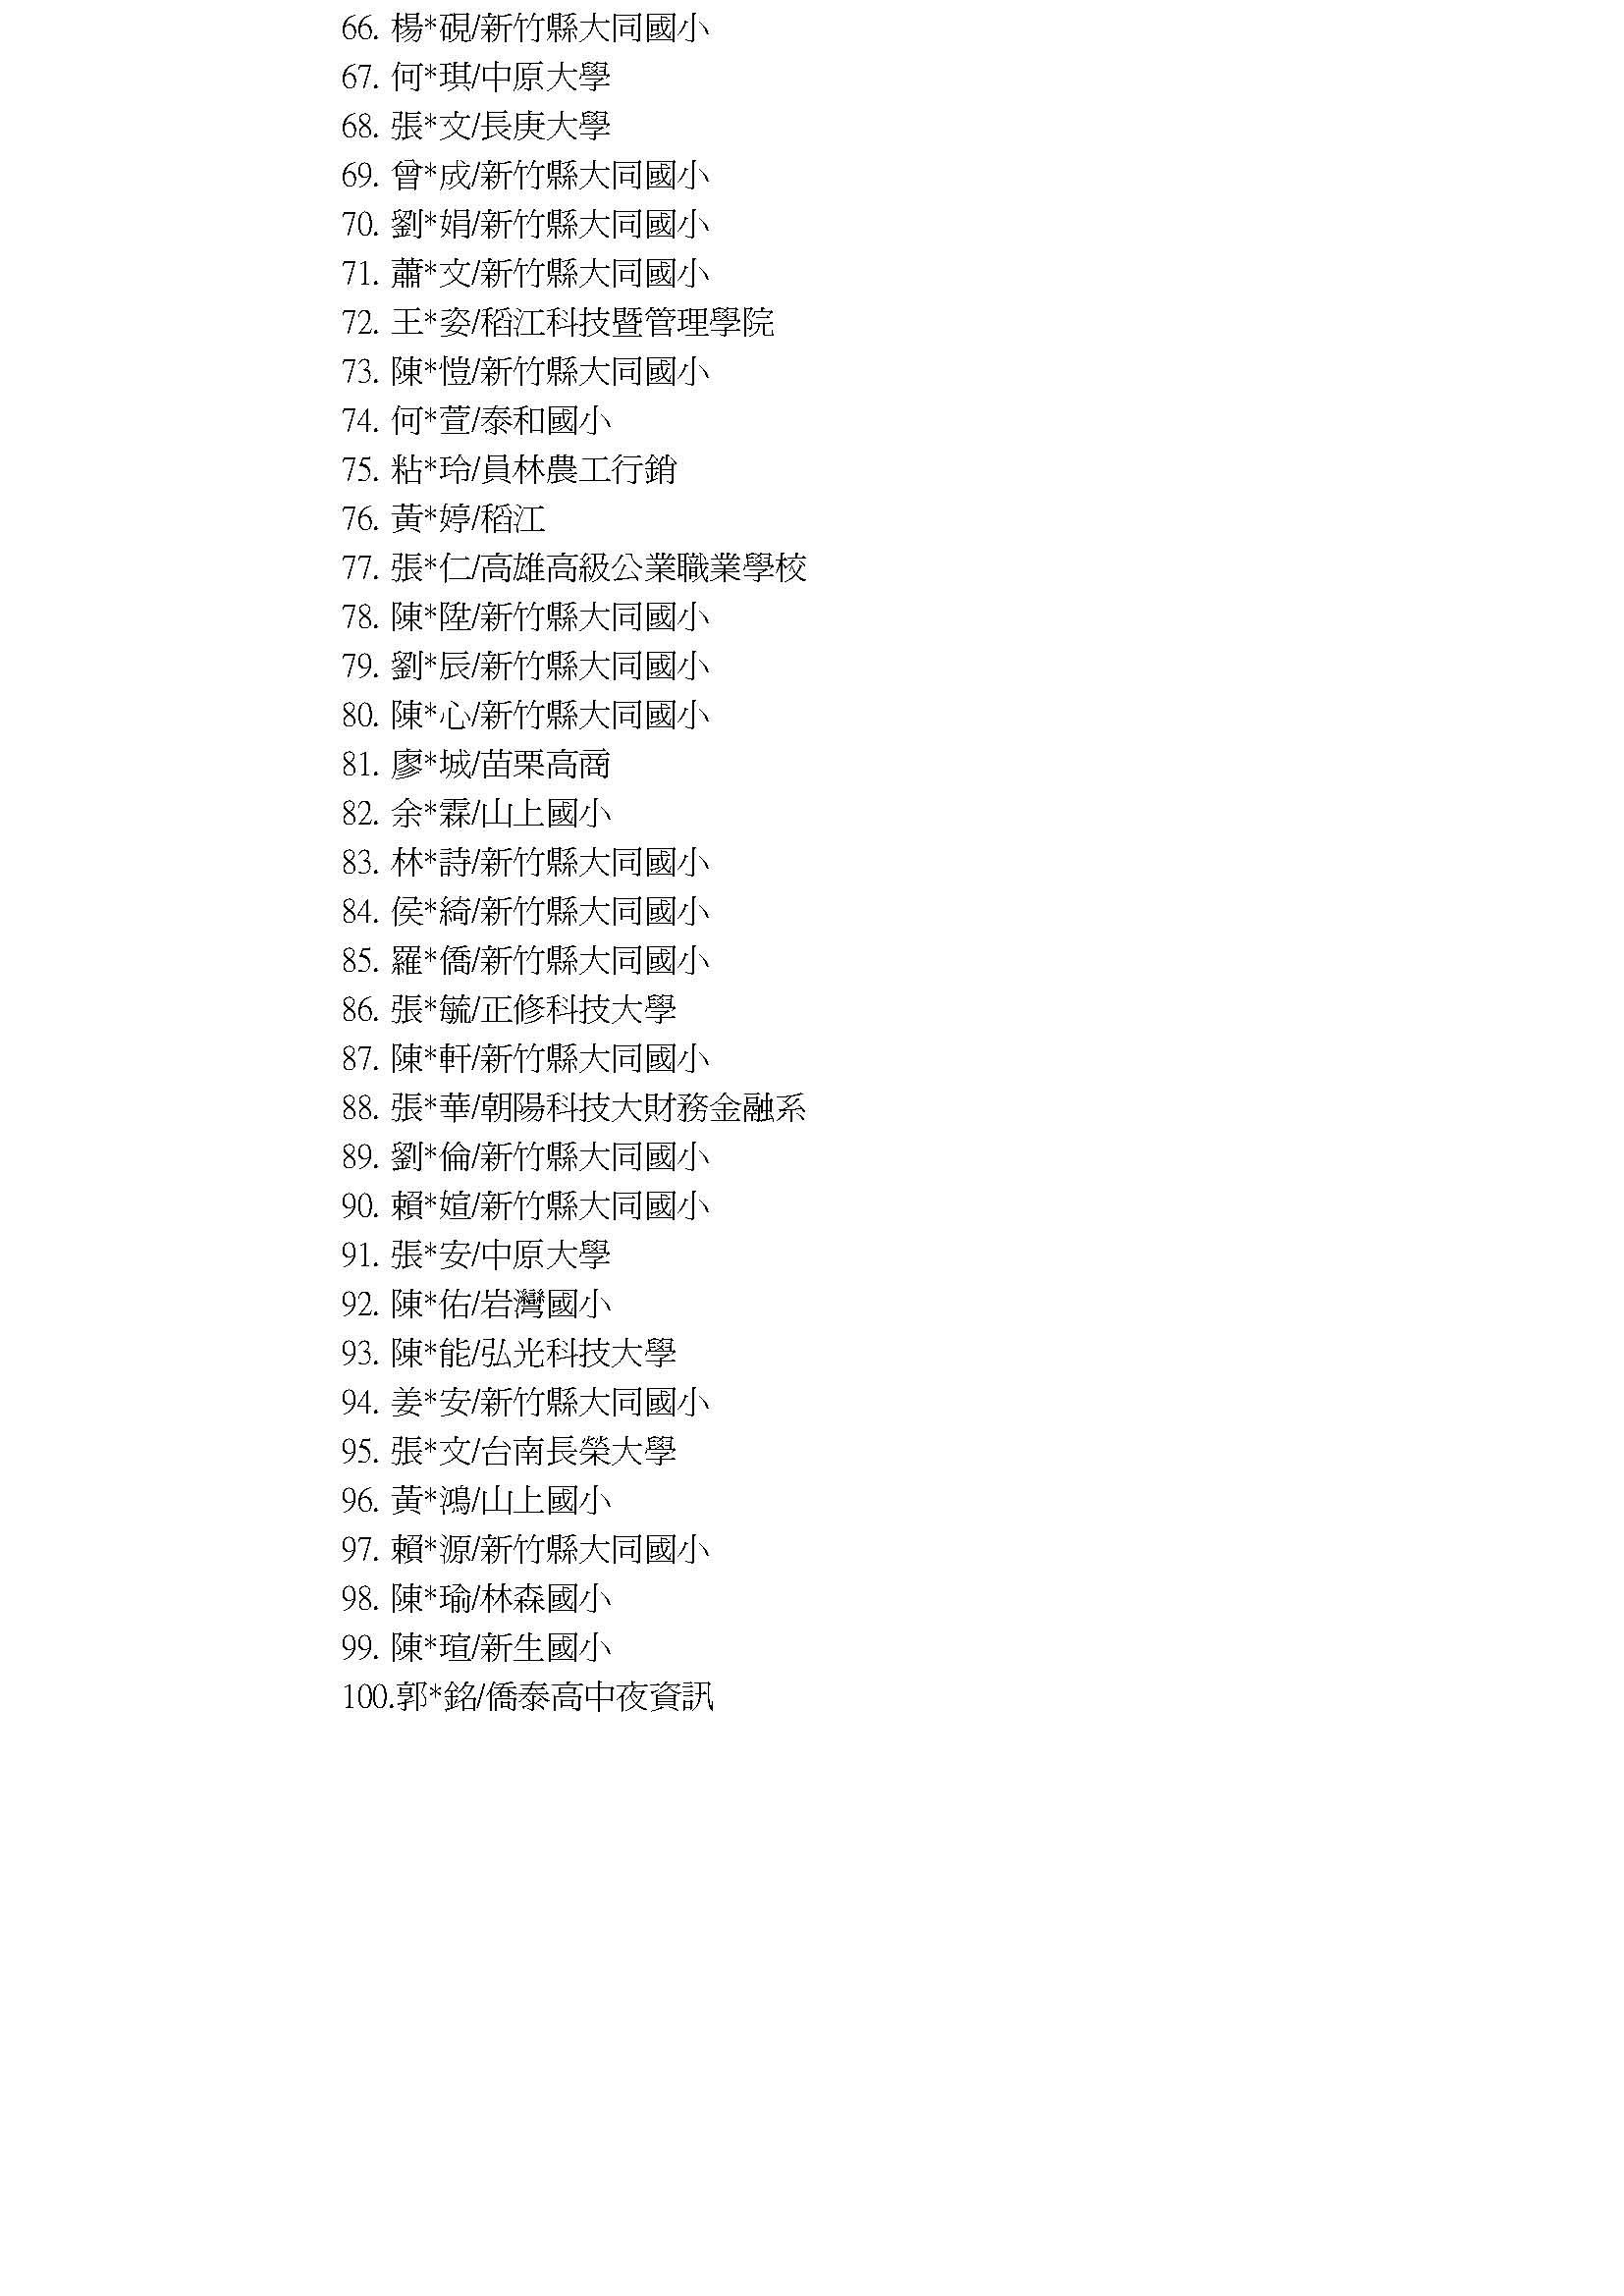 揪團闖關拿大獎 得獎名單_頁面_6.jpg